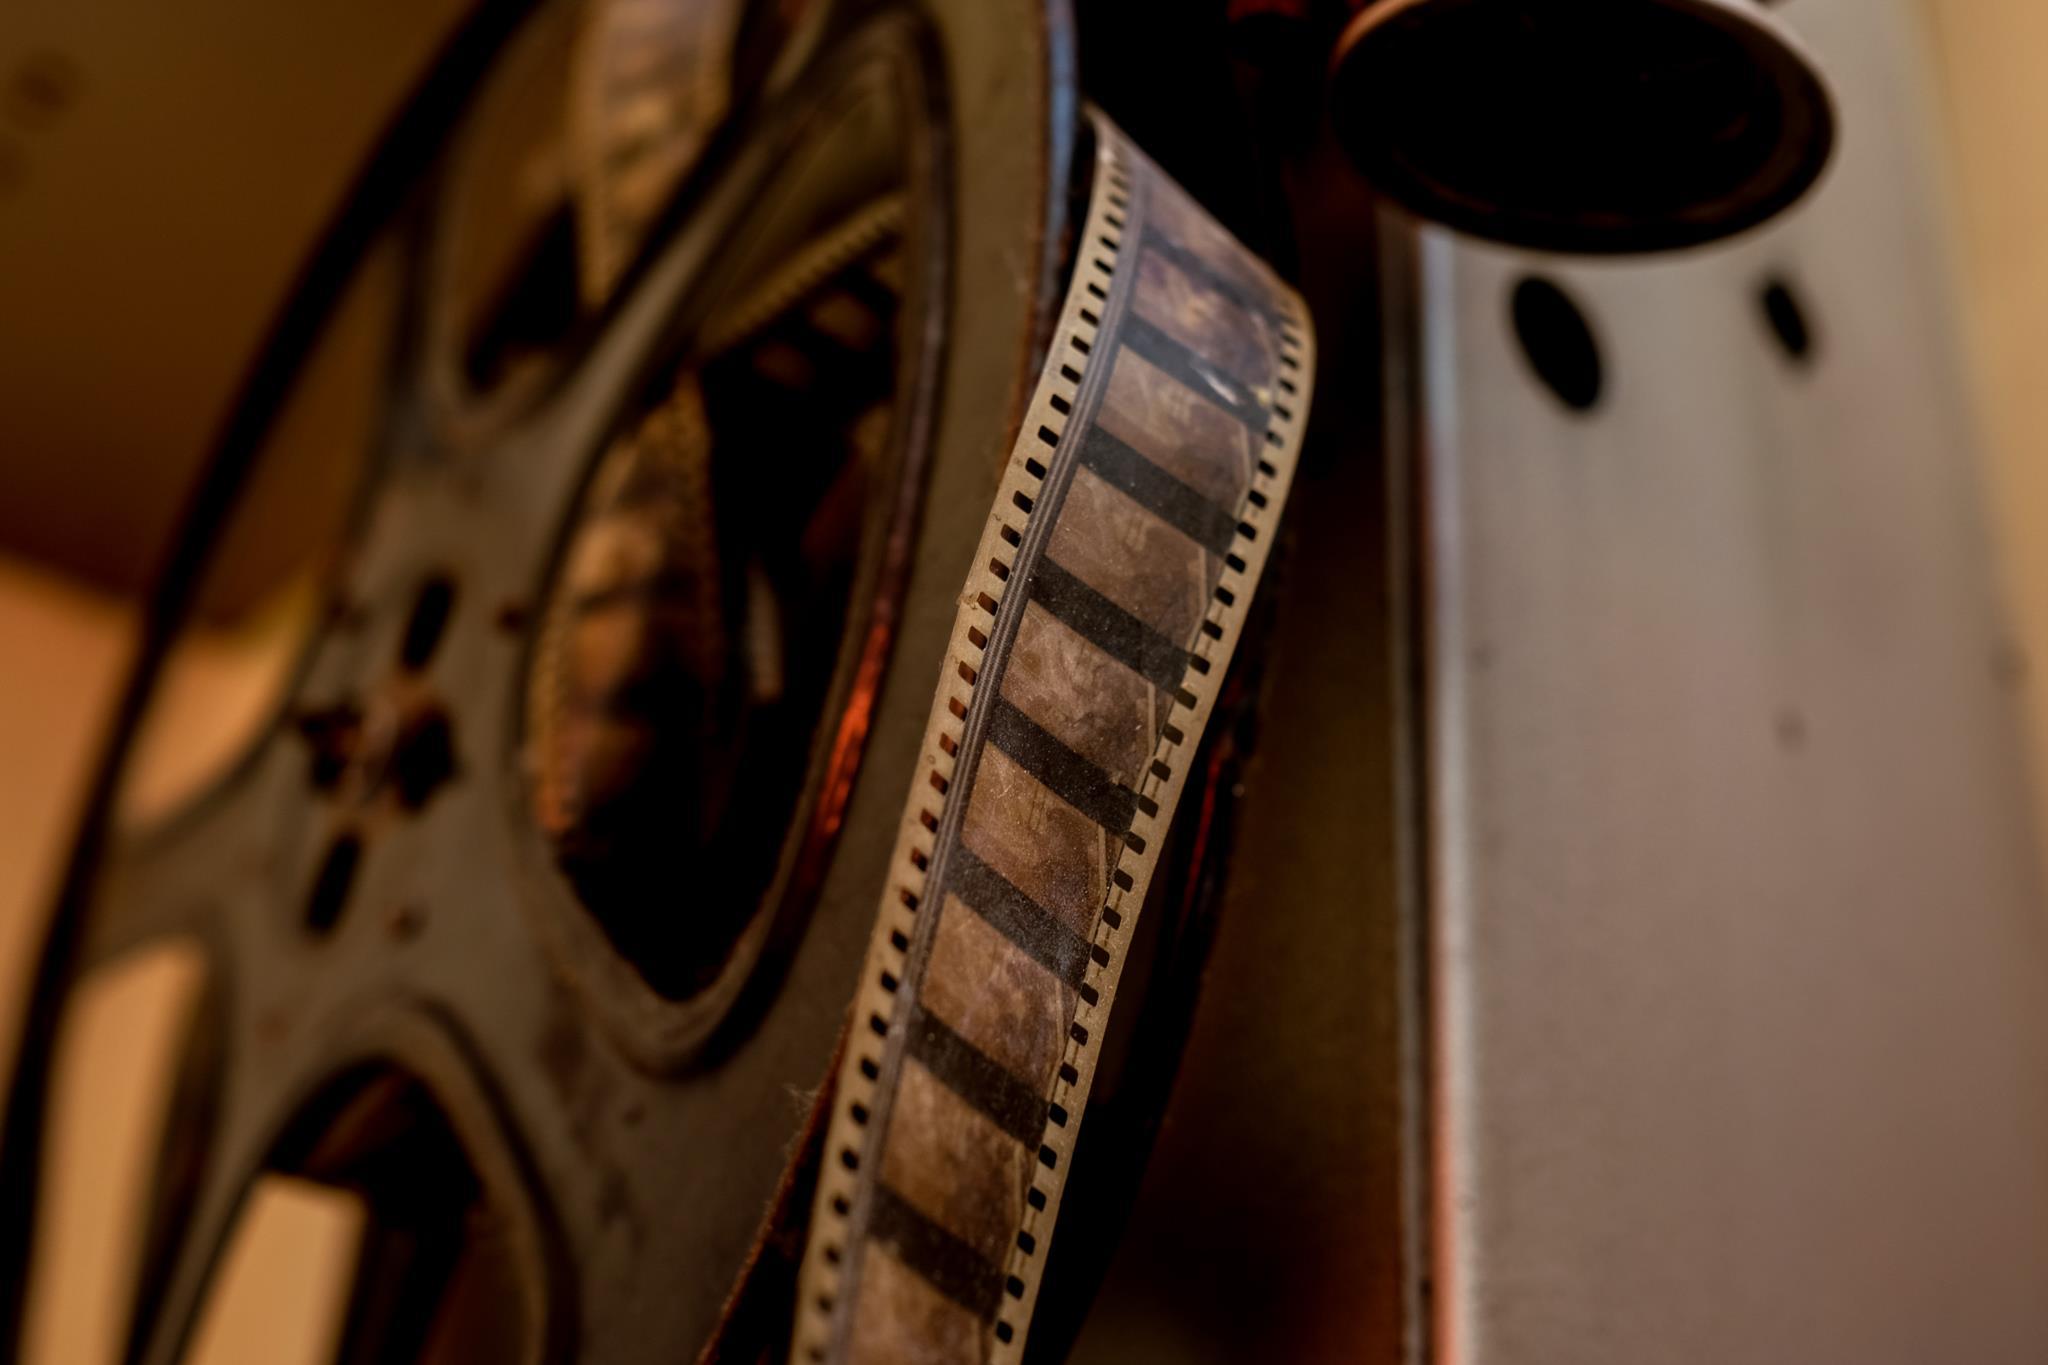 PÚBLICO - Concursos do cinema vão abrir, mas TVs e realizadores pedem reforma